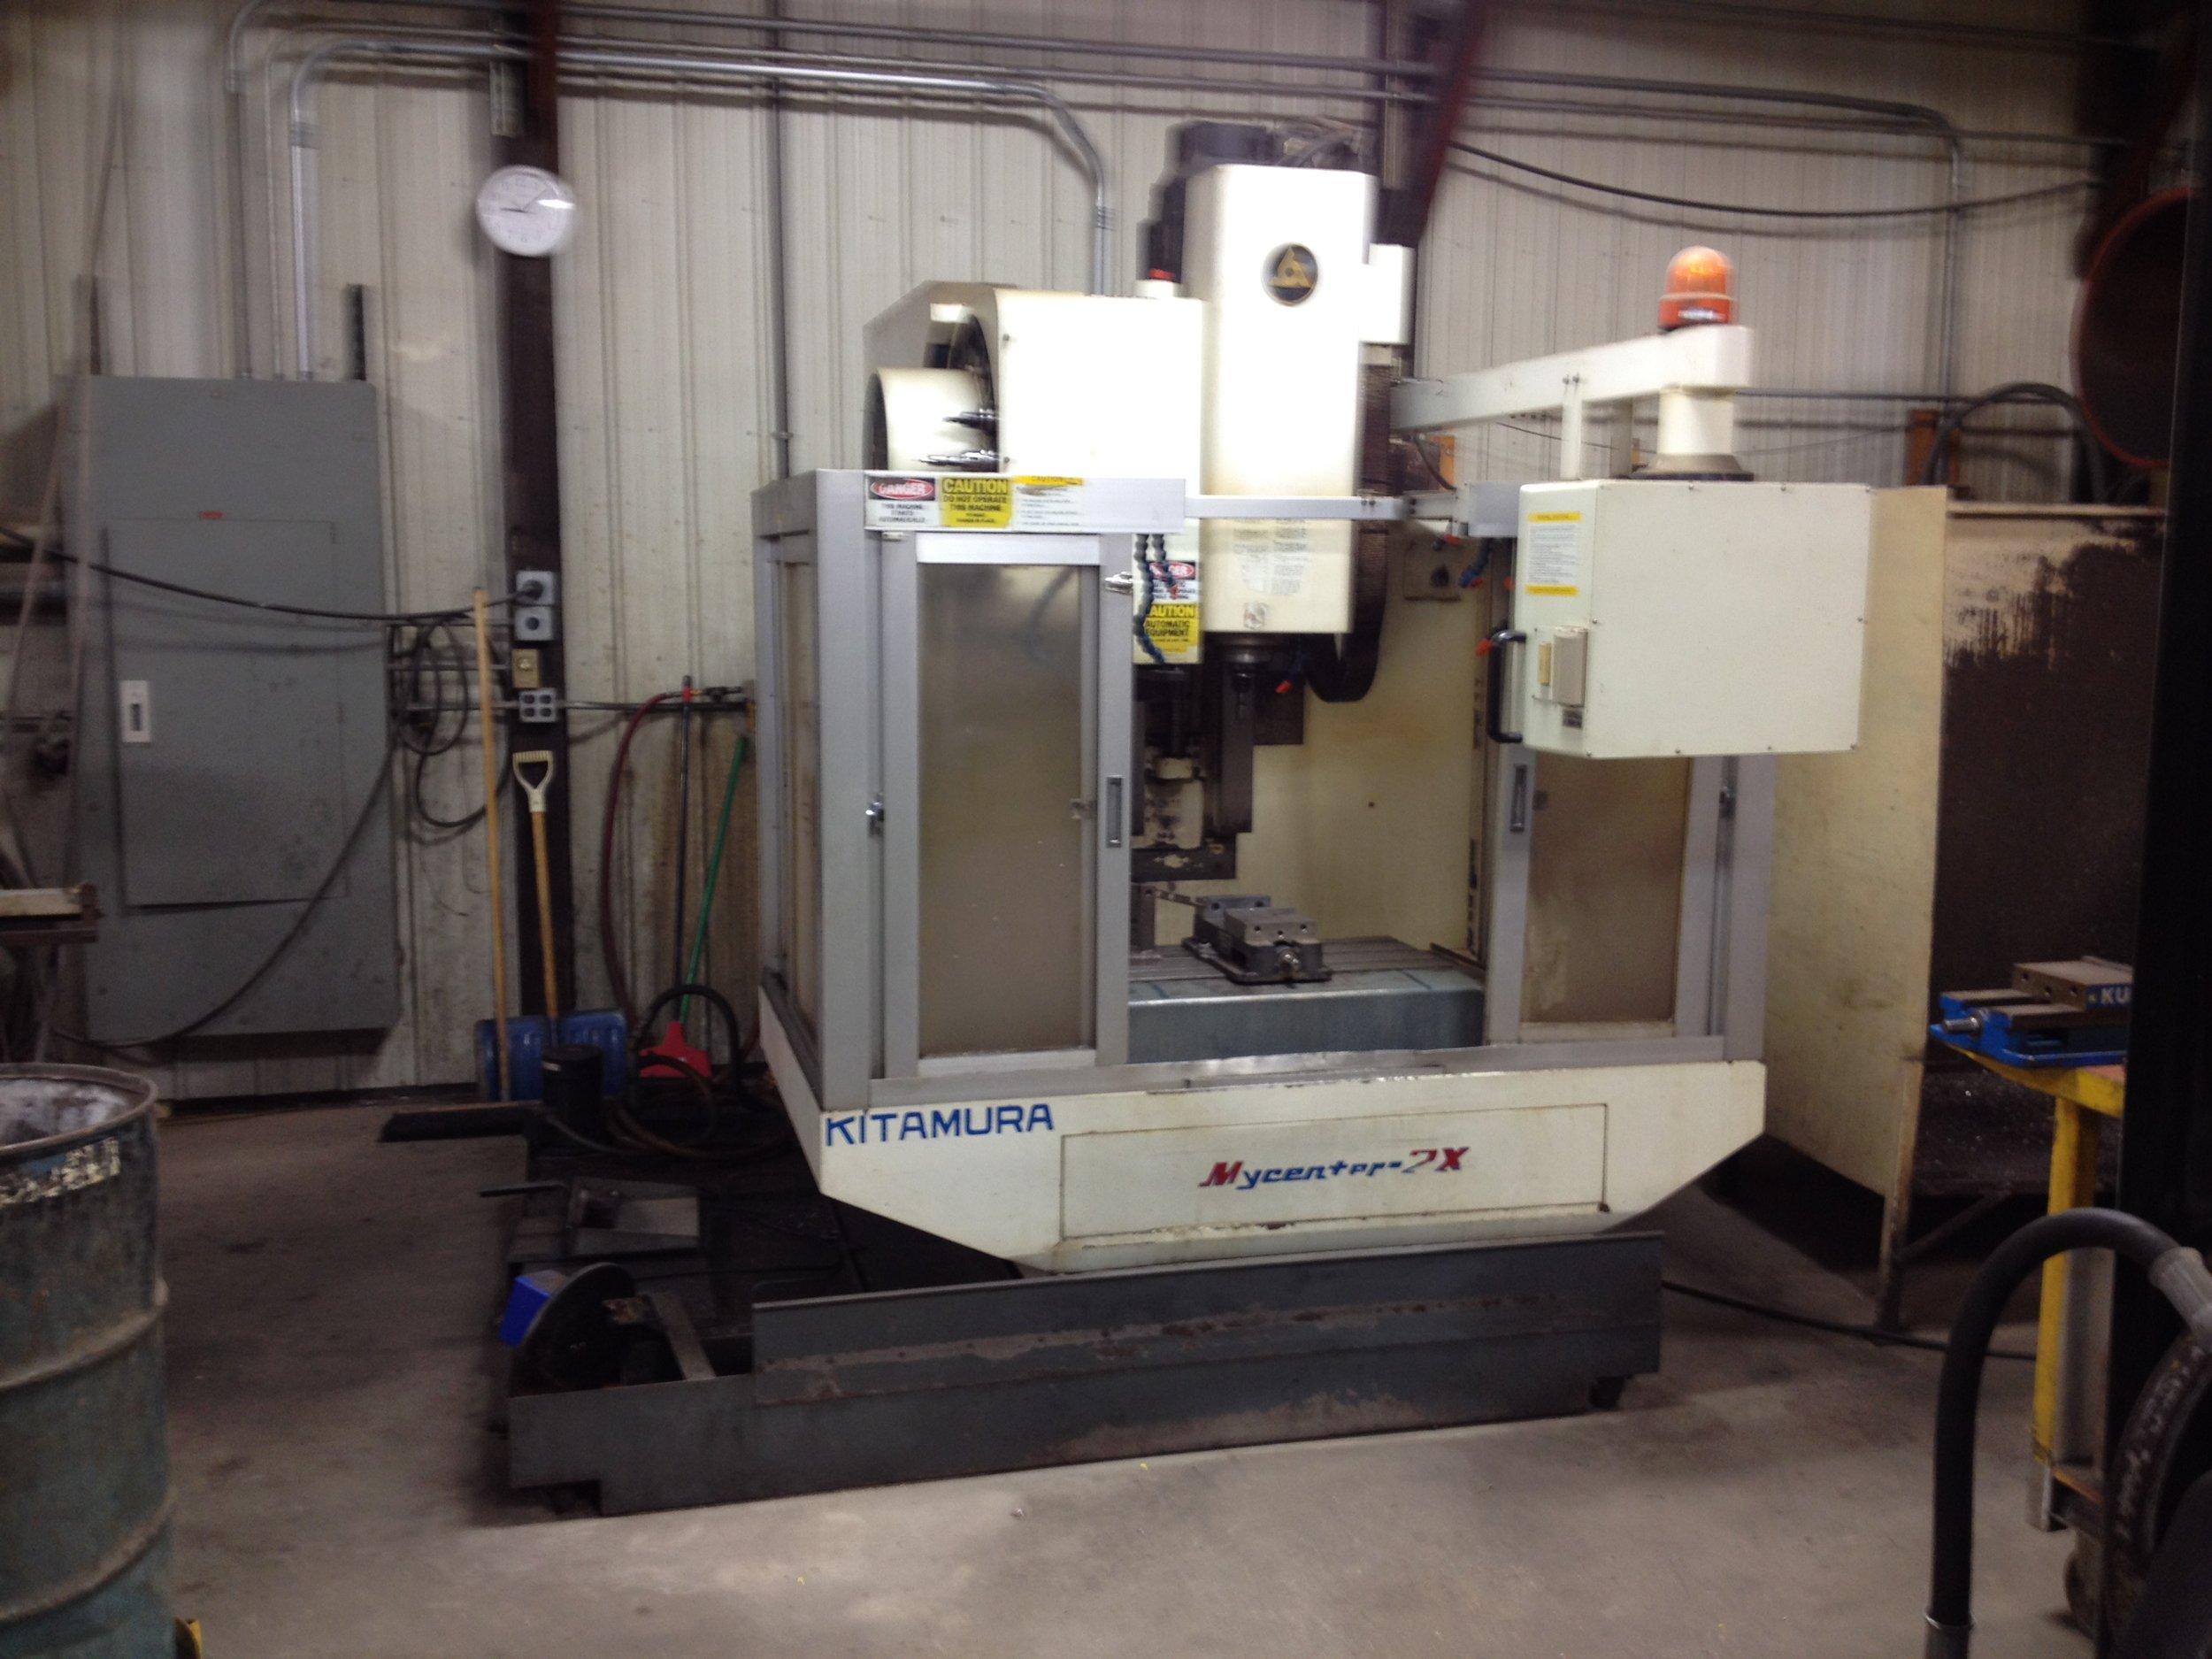 Kitamura Mycenter 2X  4 Stage Machine Vertical Machining Center Working Area 30 x 18 x 18.1″